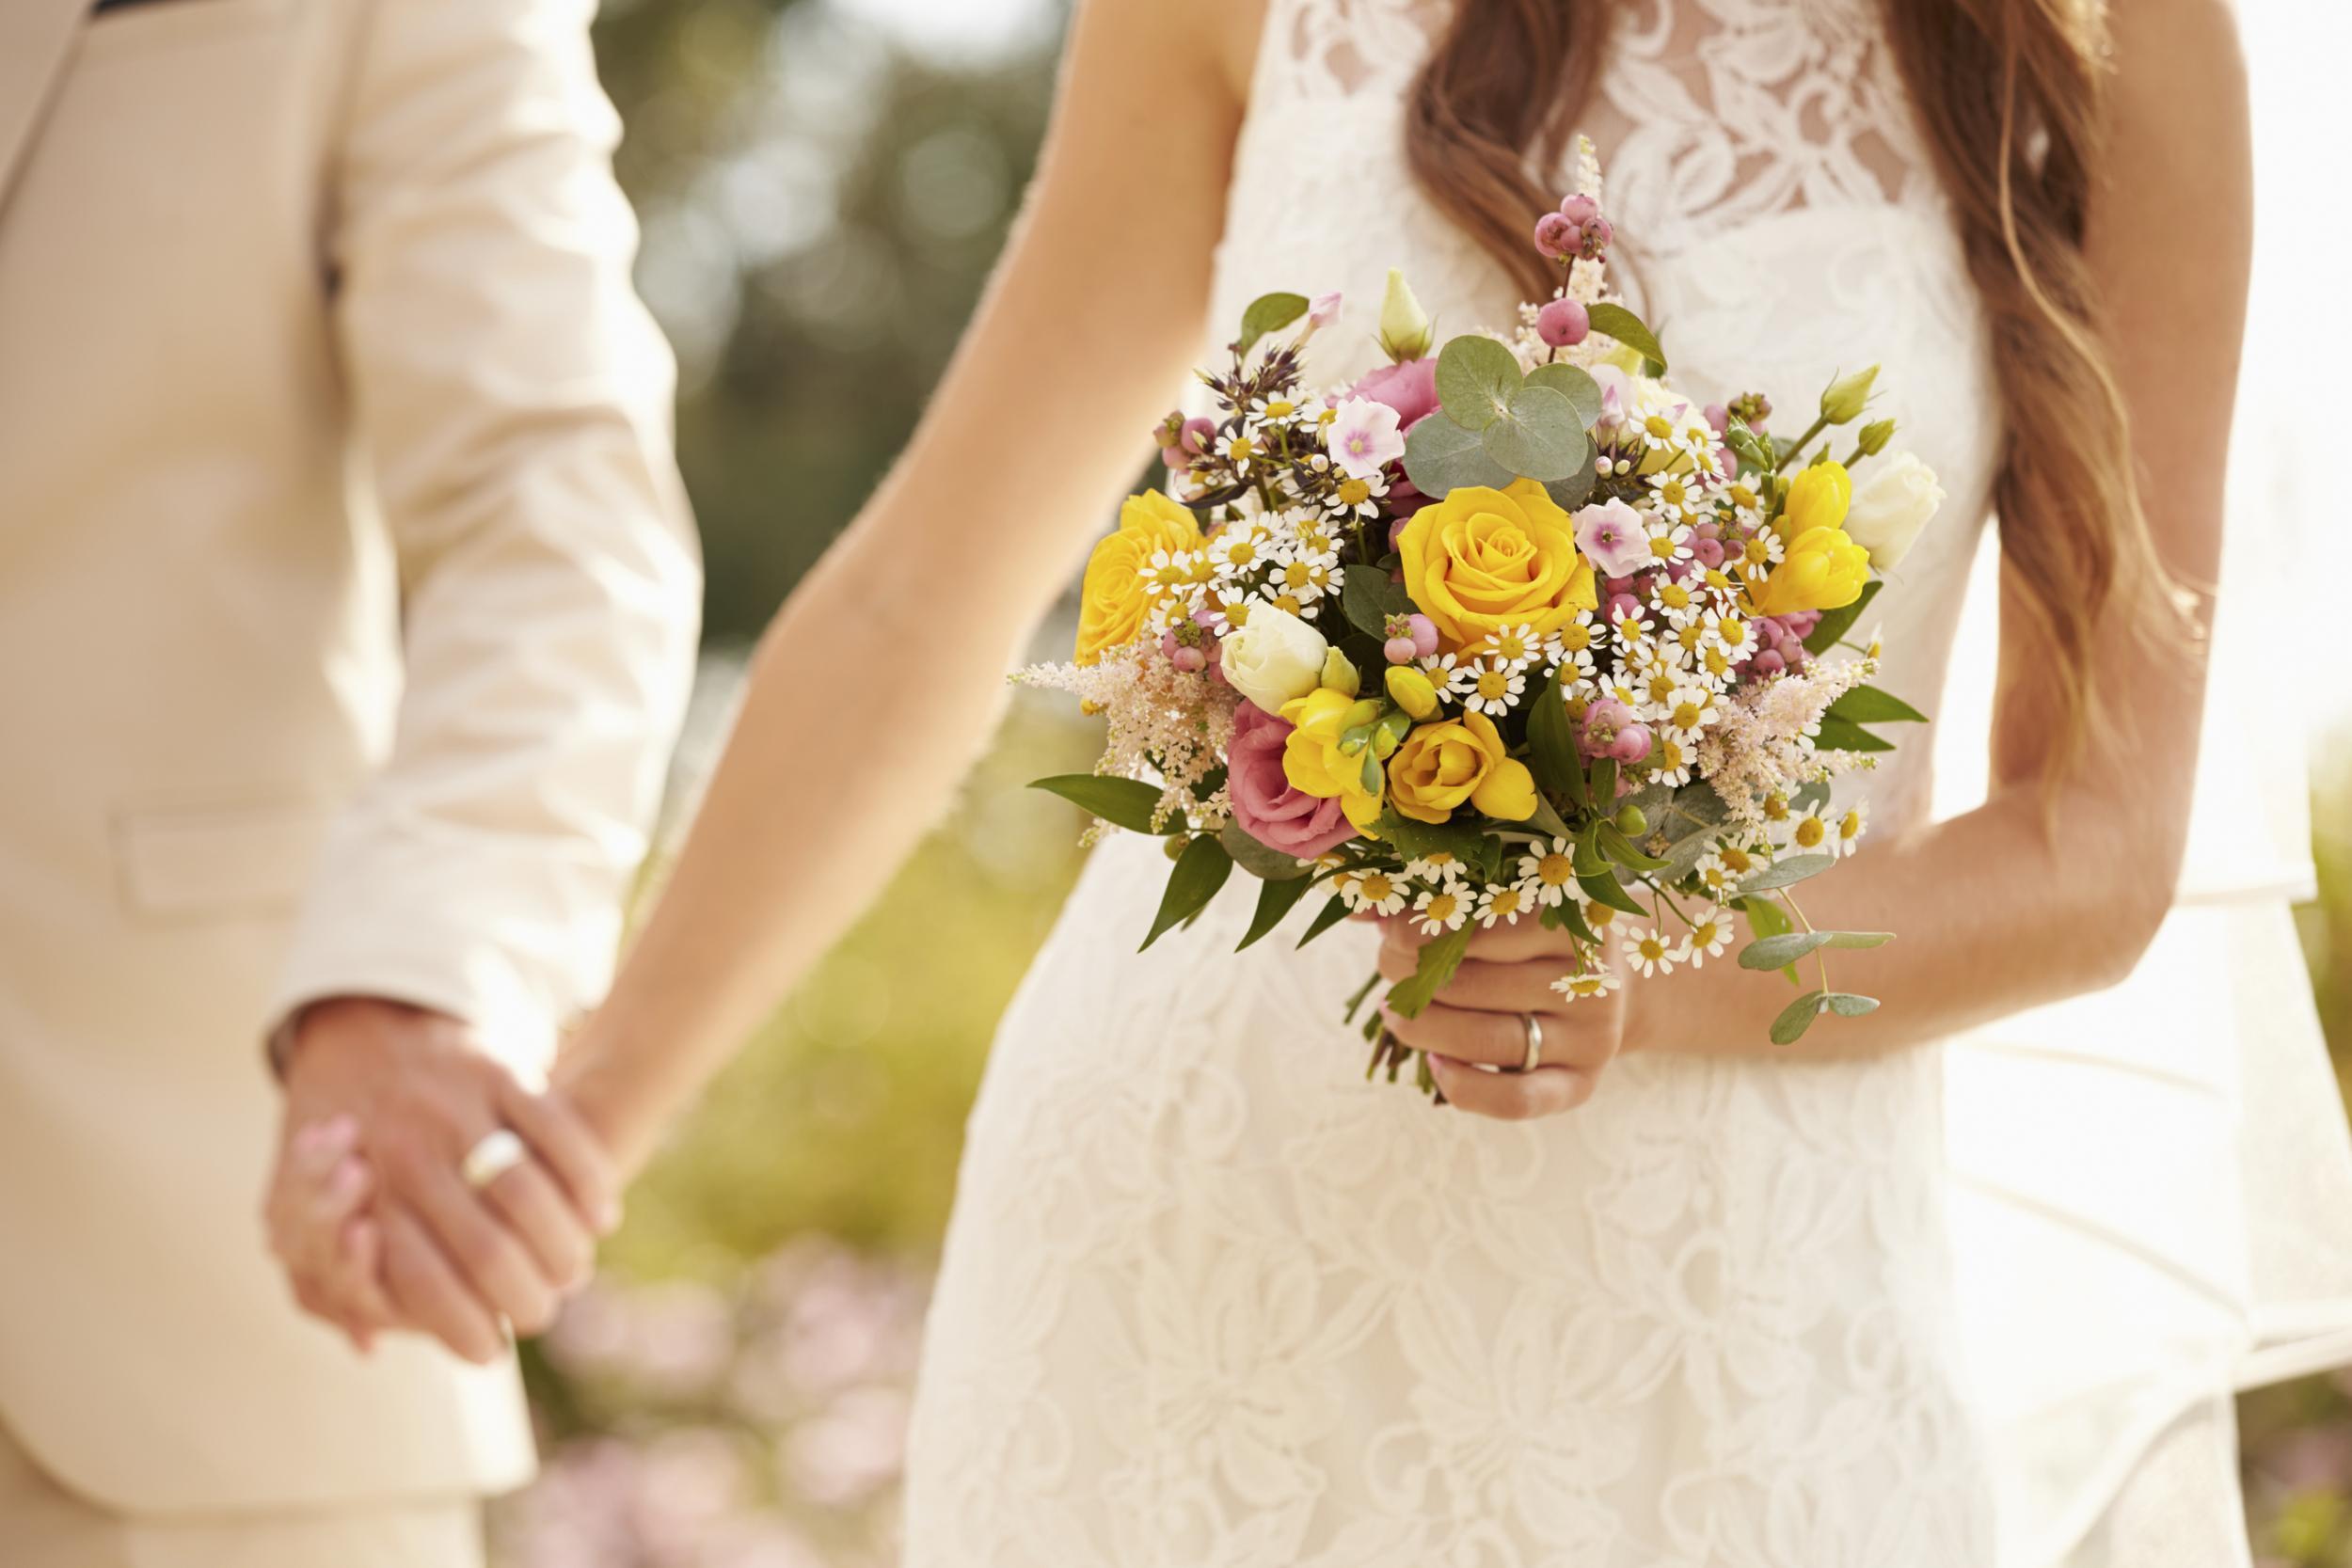 Đám cưới vàng đeo trĩu cổ, con dâu vẫn muốn mẹ chồng tặng thêm tiền mặt